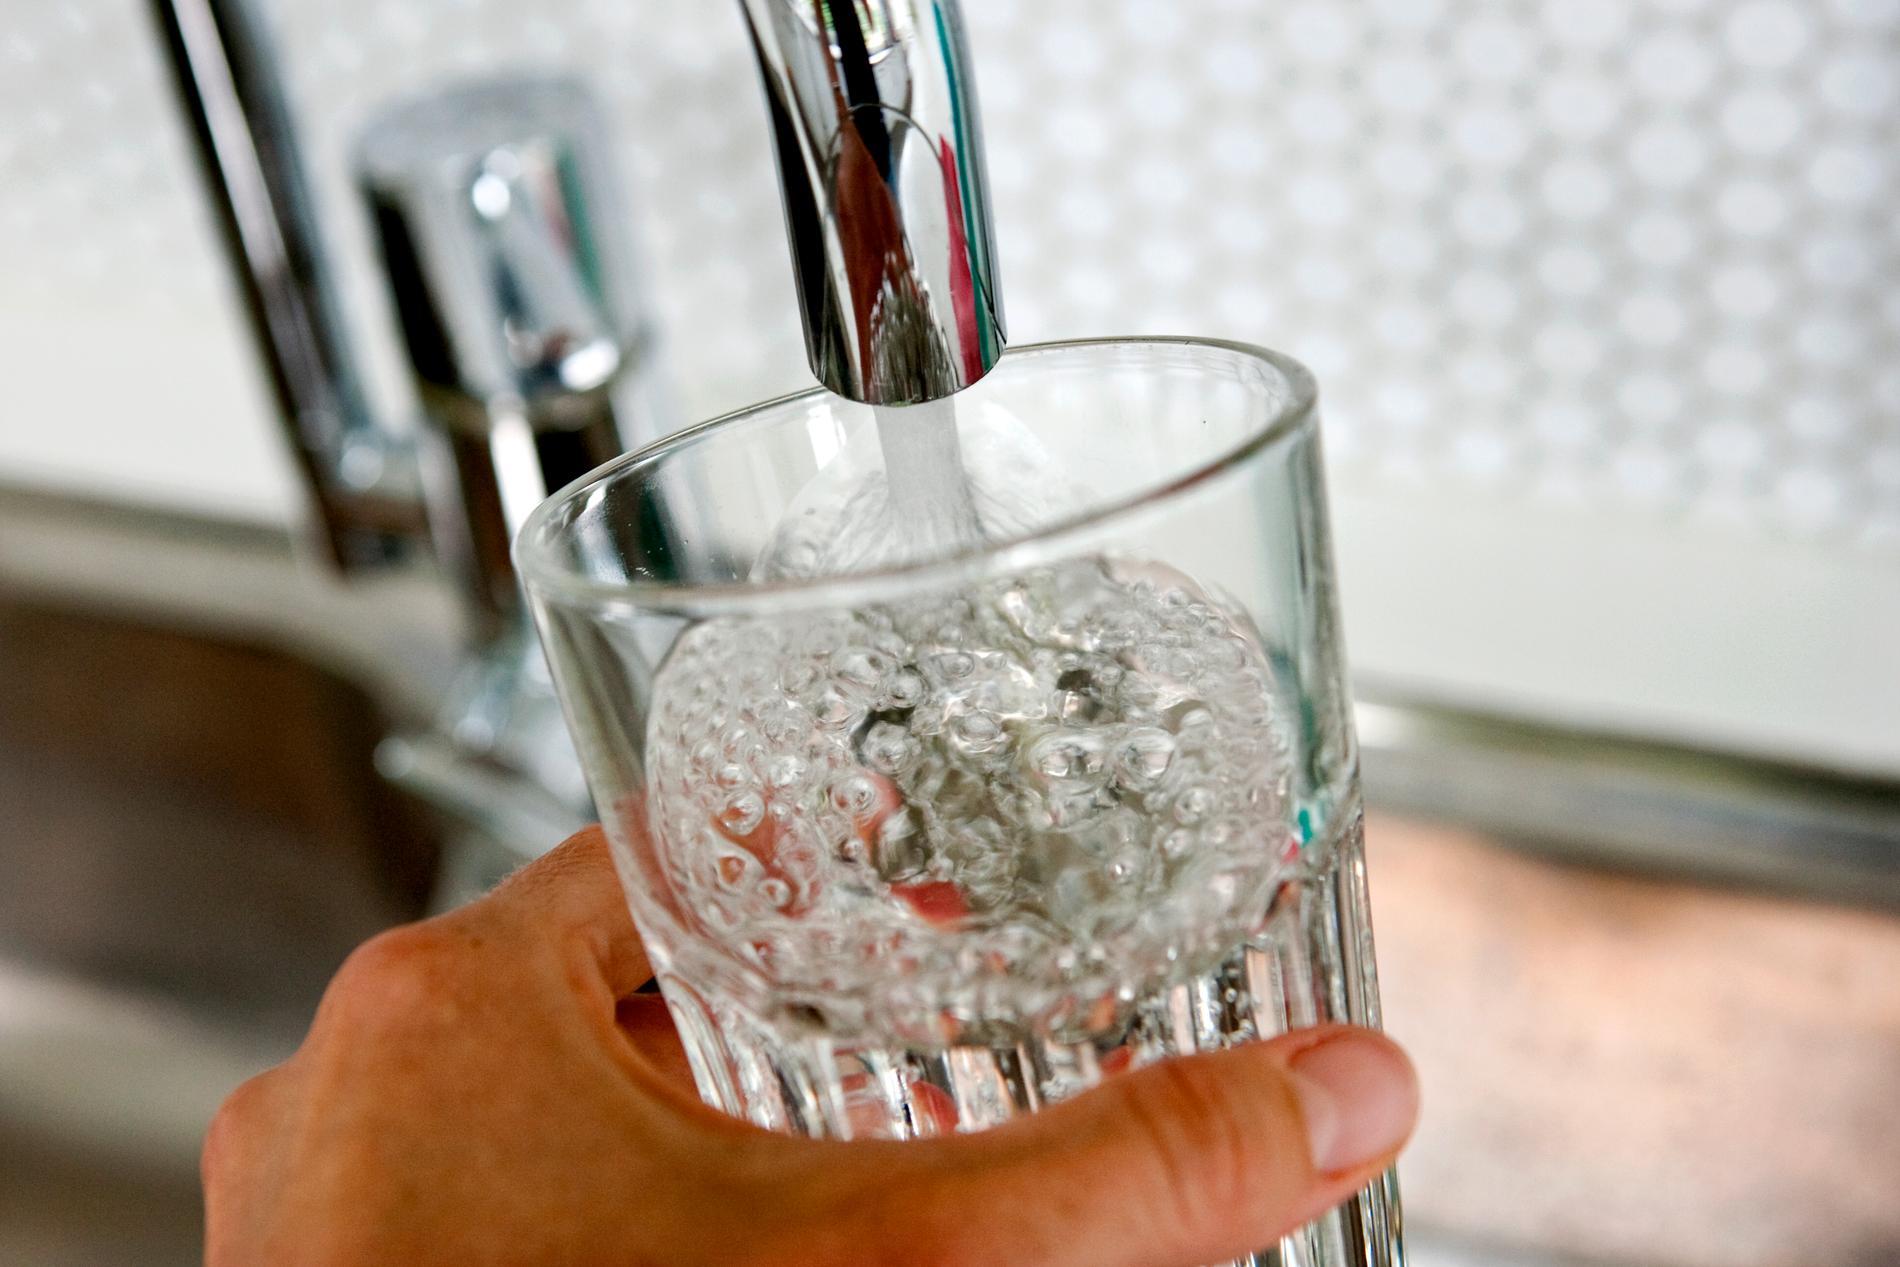 Dricksvattnet på många platser i Sverige riskerar att förorenas av översvämningar och miljöfarliga utsläpp. Arkivbild.